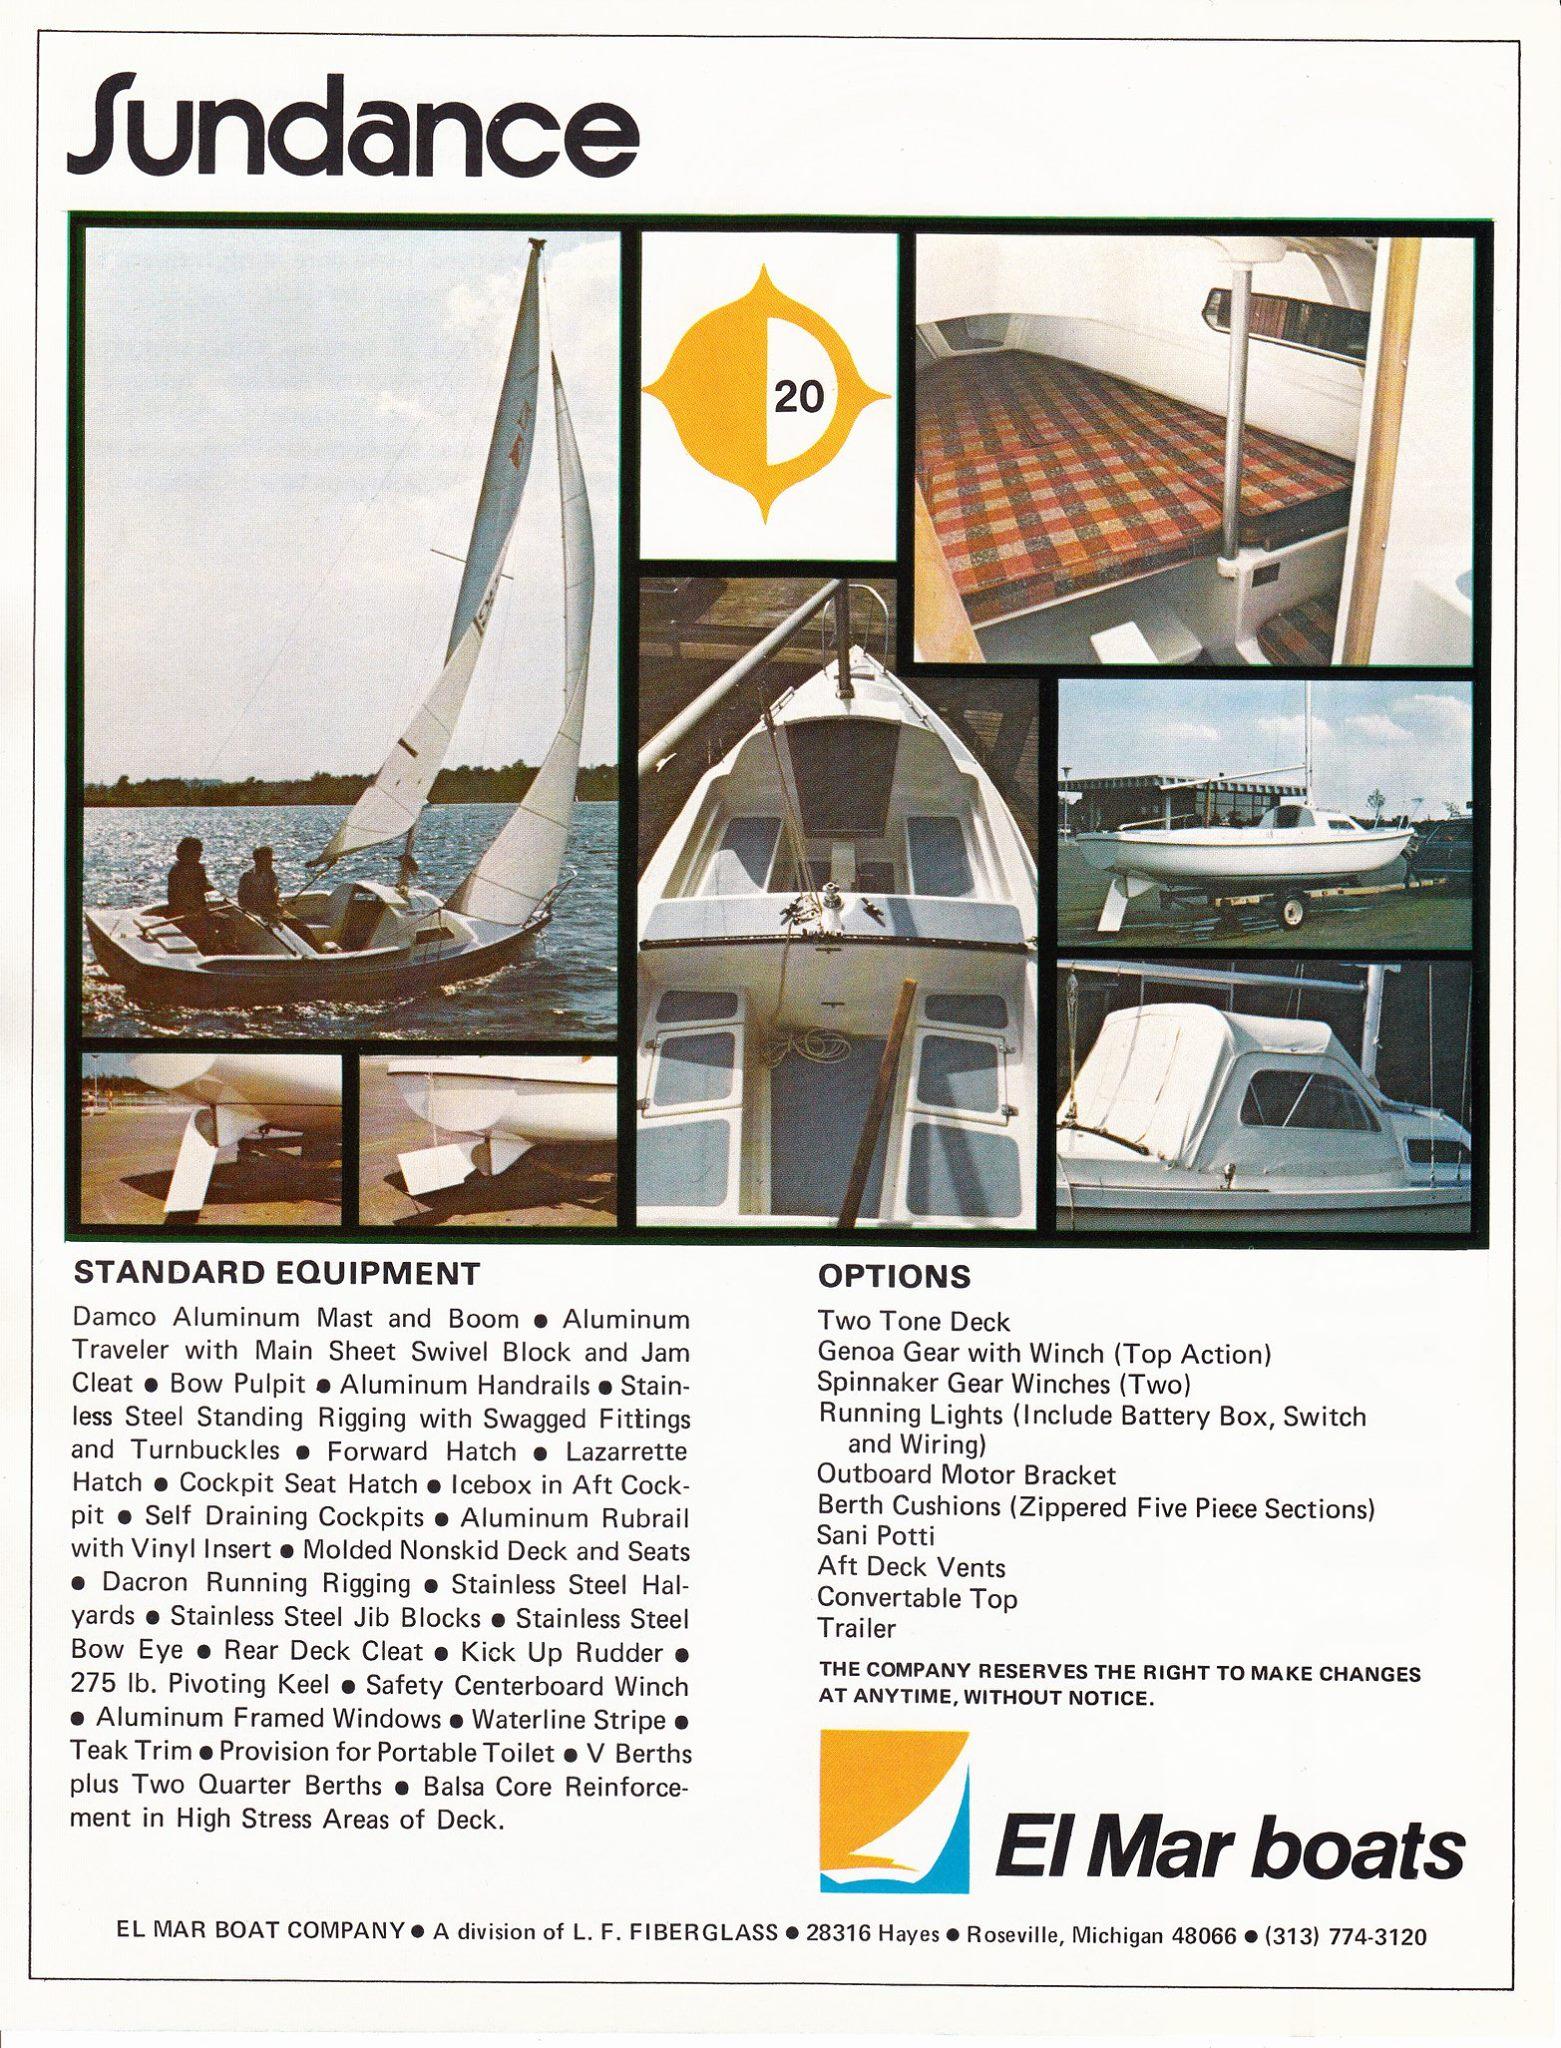 sundance-20-brochure-2.jpg